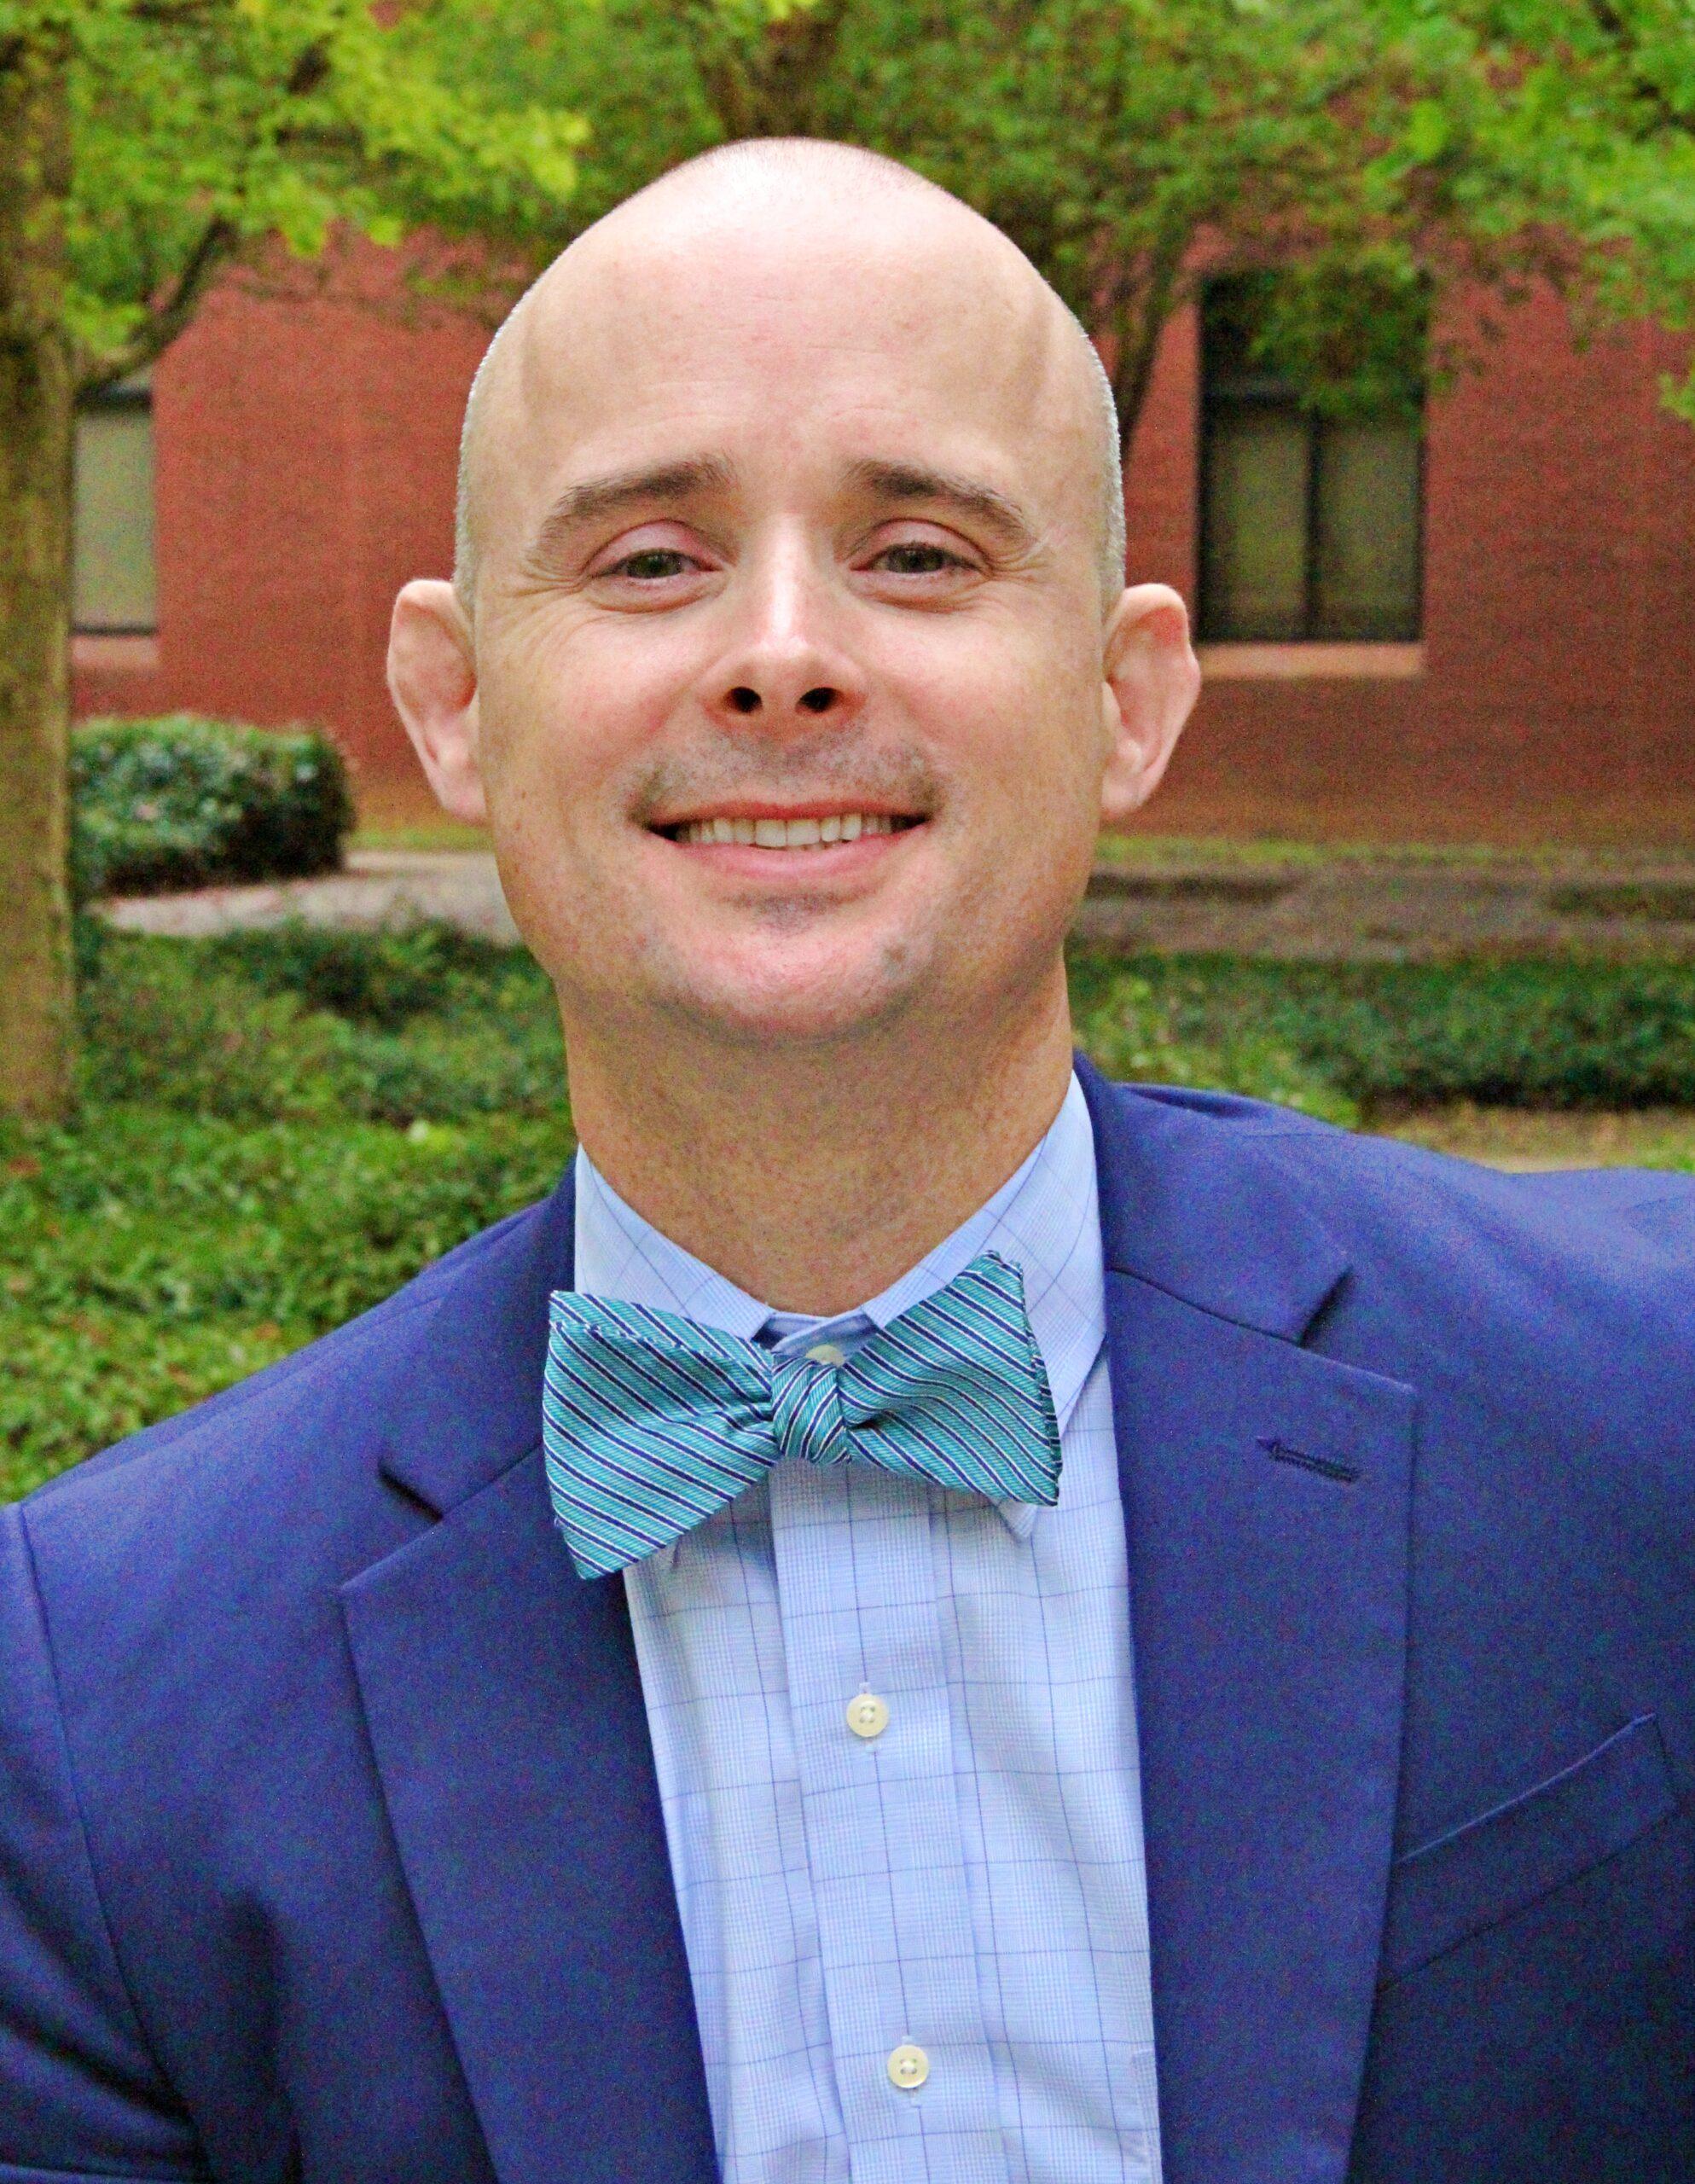 Matthew K. Robison